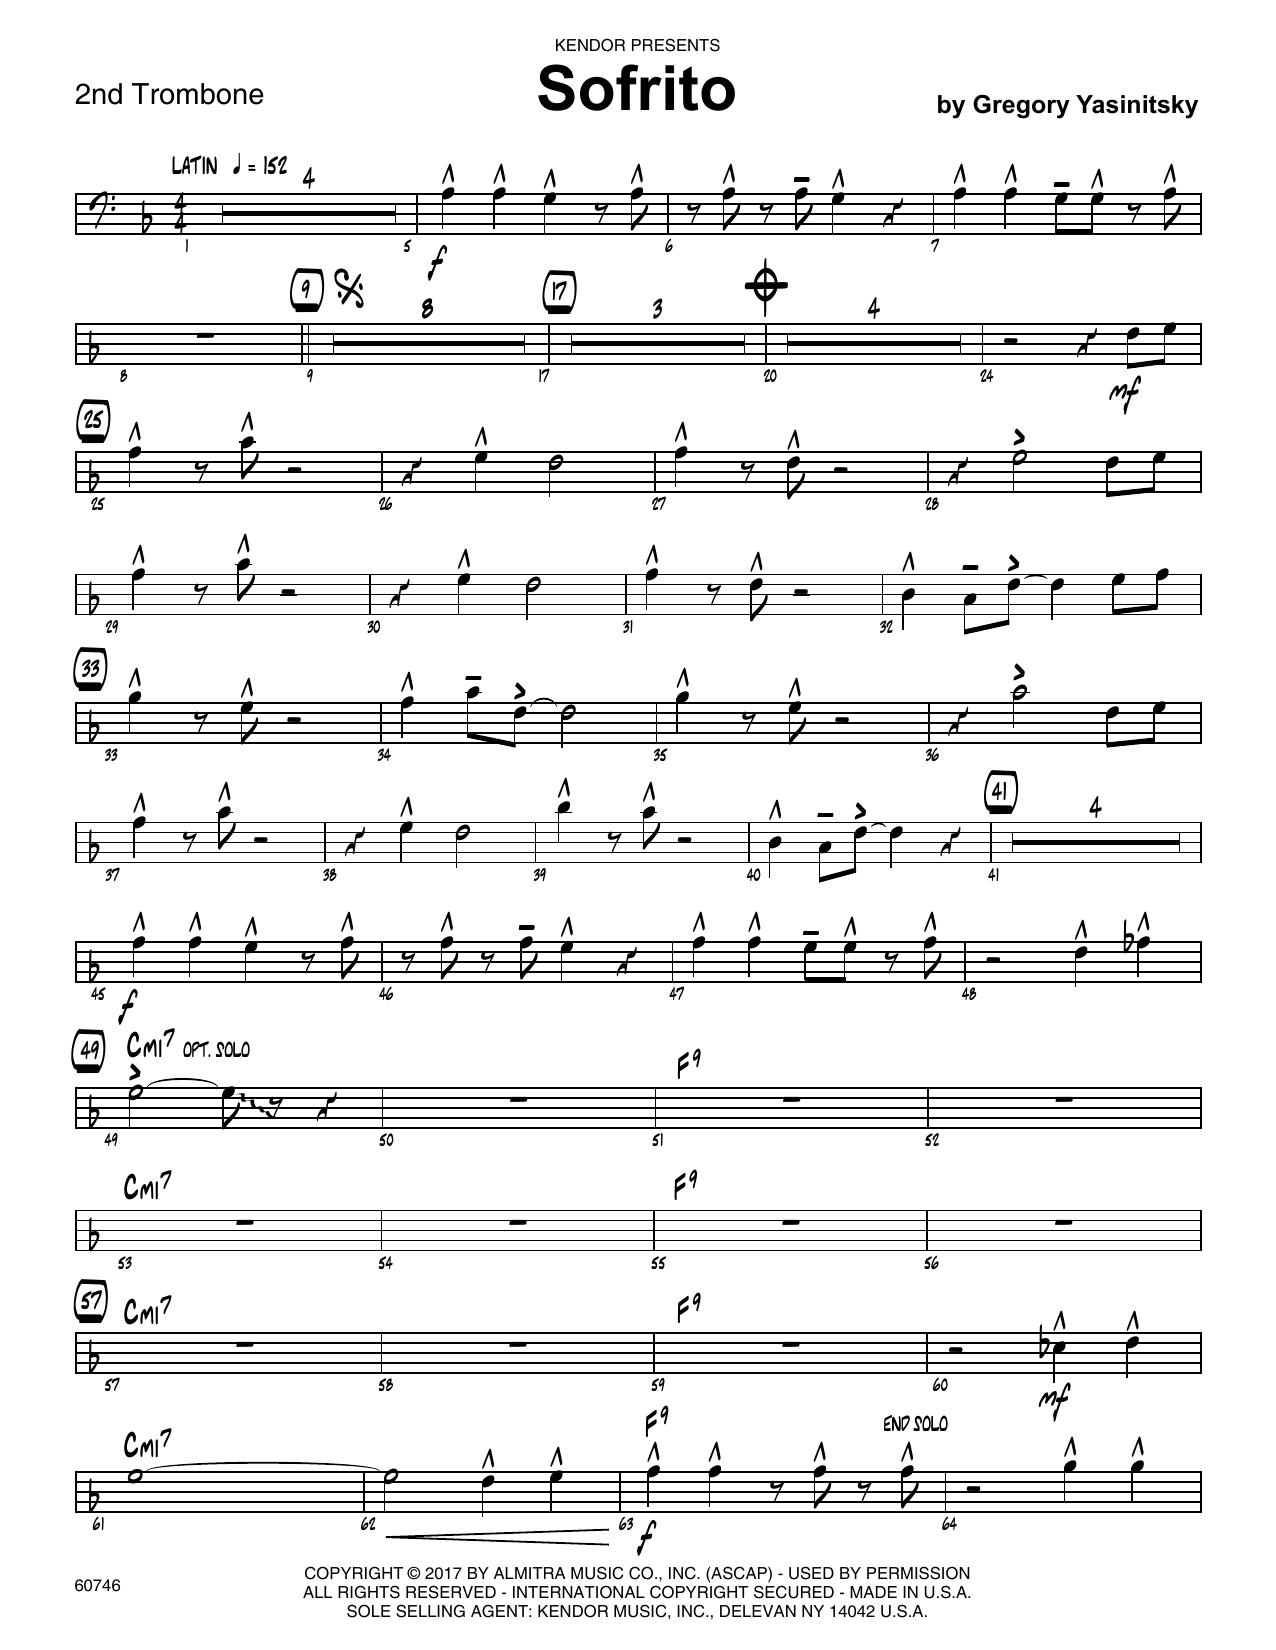 Sofrito - 2nd Trombone Sheet Music